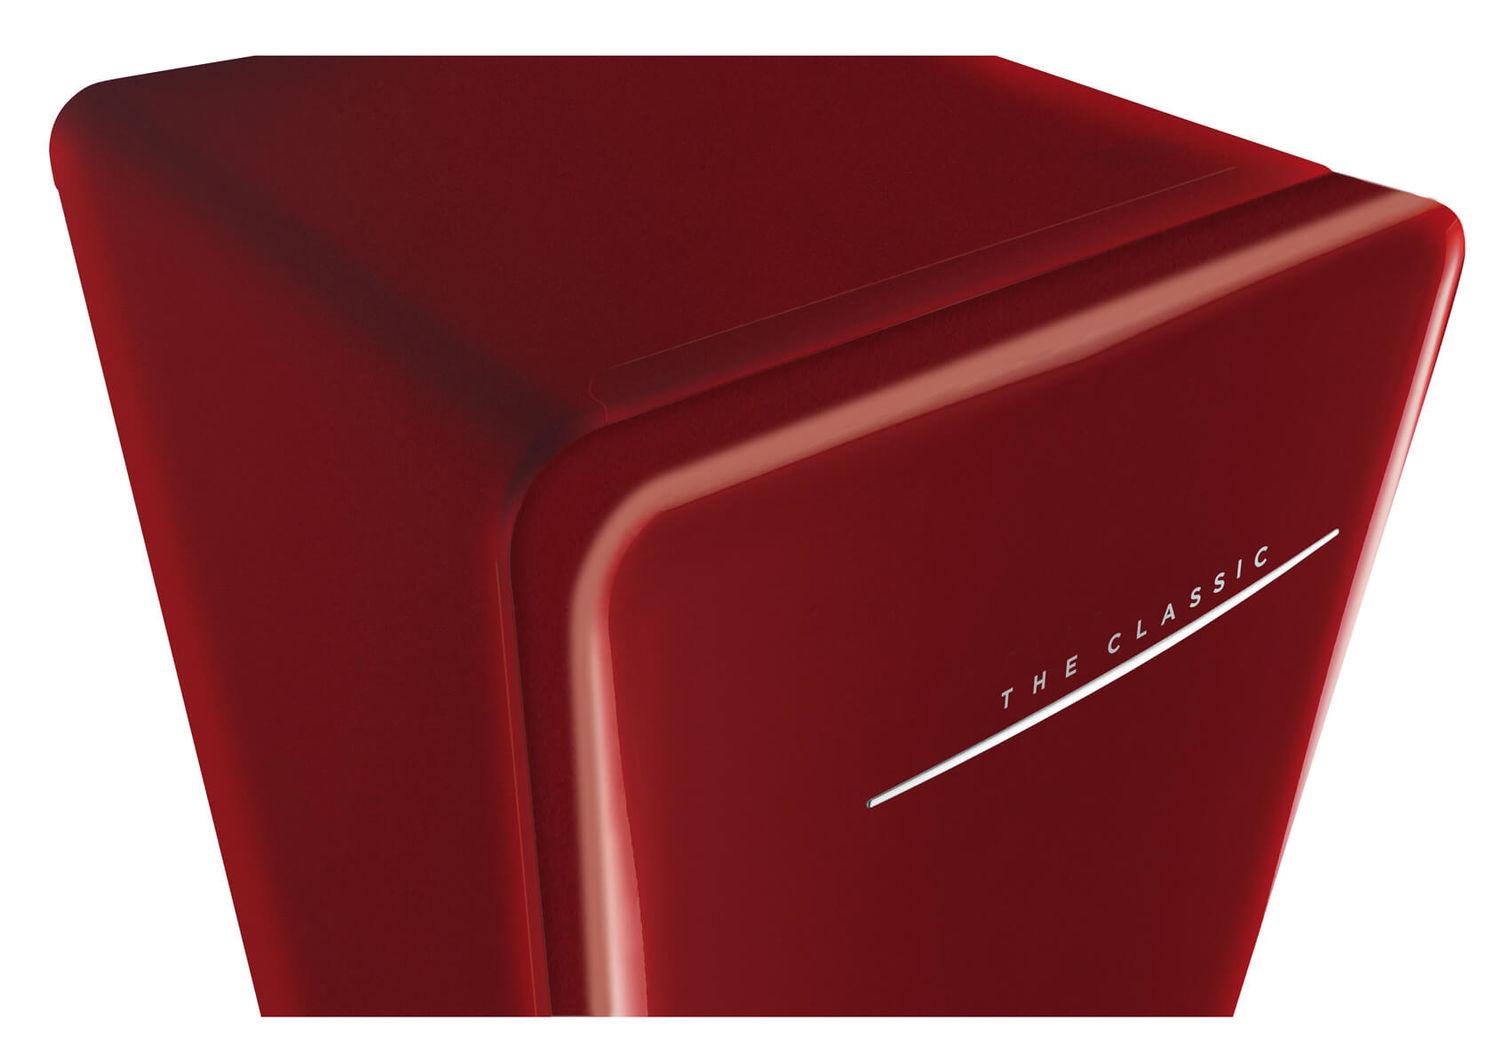 Kühlschrank Rot : Daewoo classic fn 153rq kühlschrank rot rechts nettoshop.ch